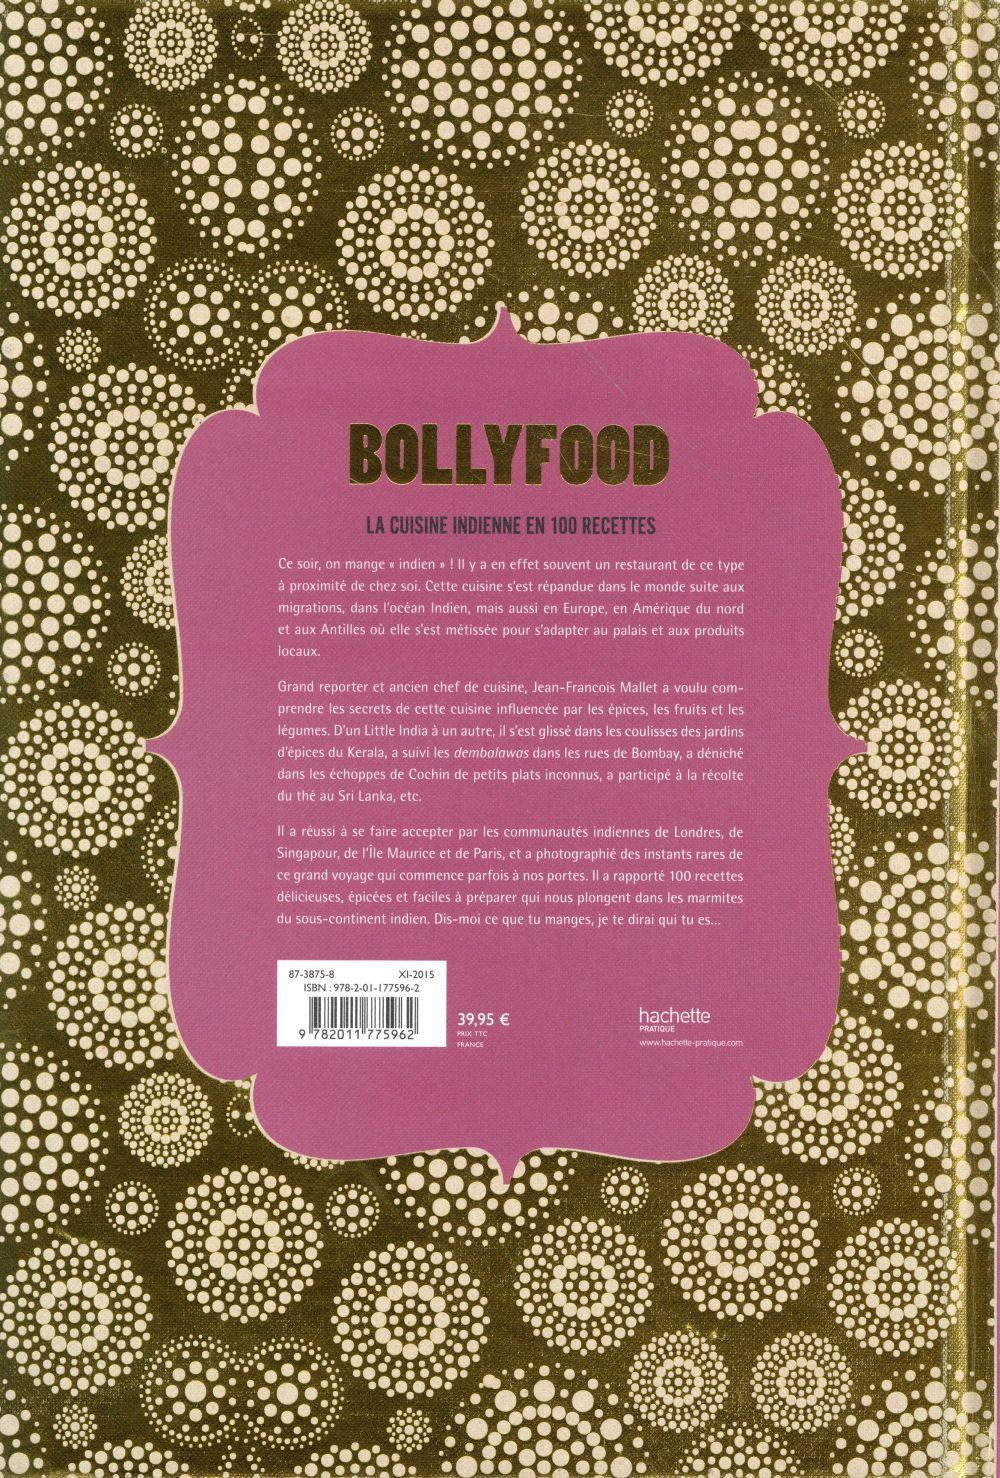 bollyfood